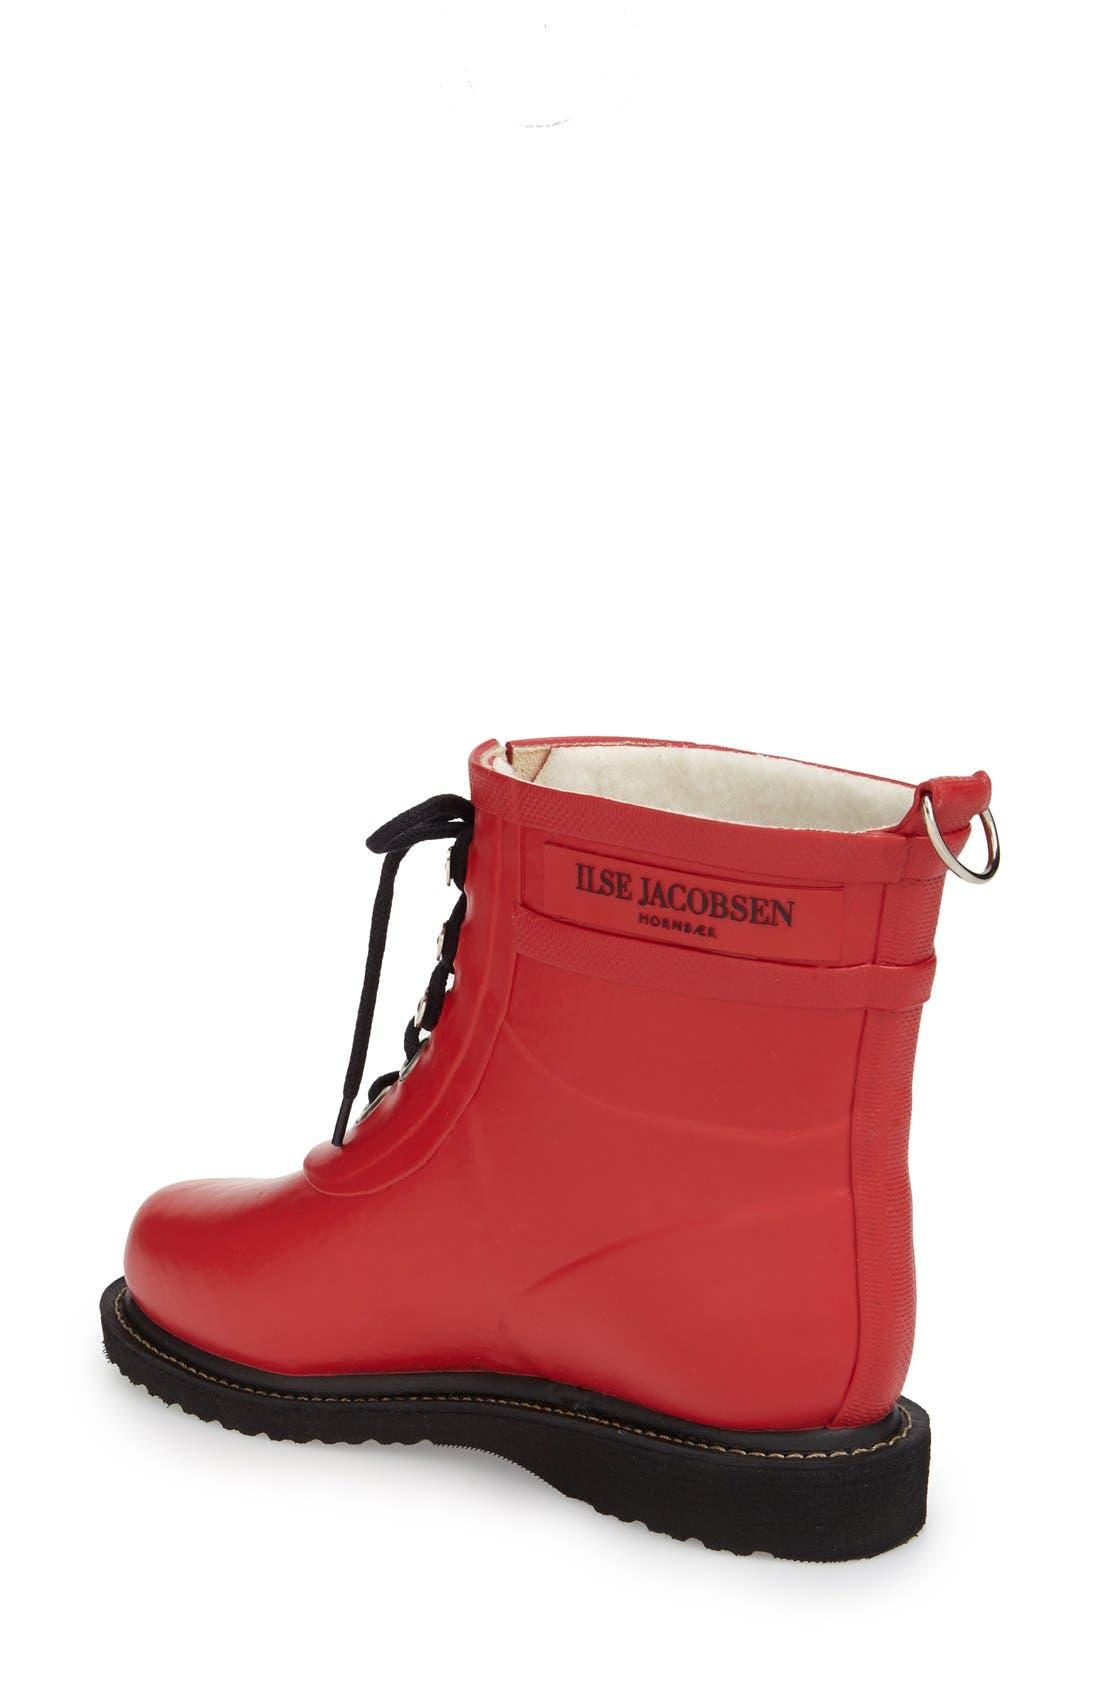 86a75e1cd45 Women s Ilse Jacobsen Shoes